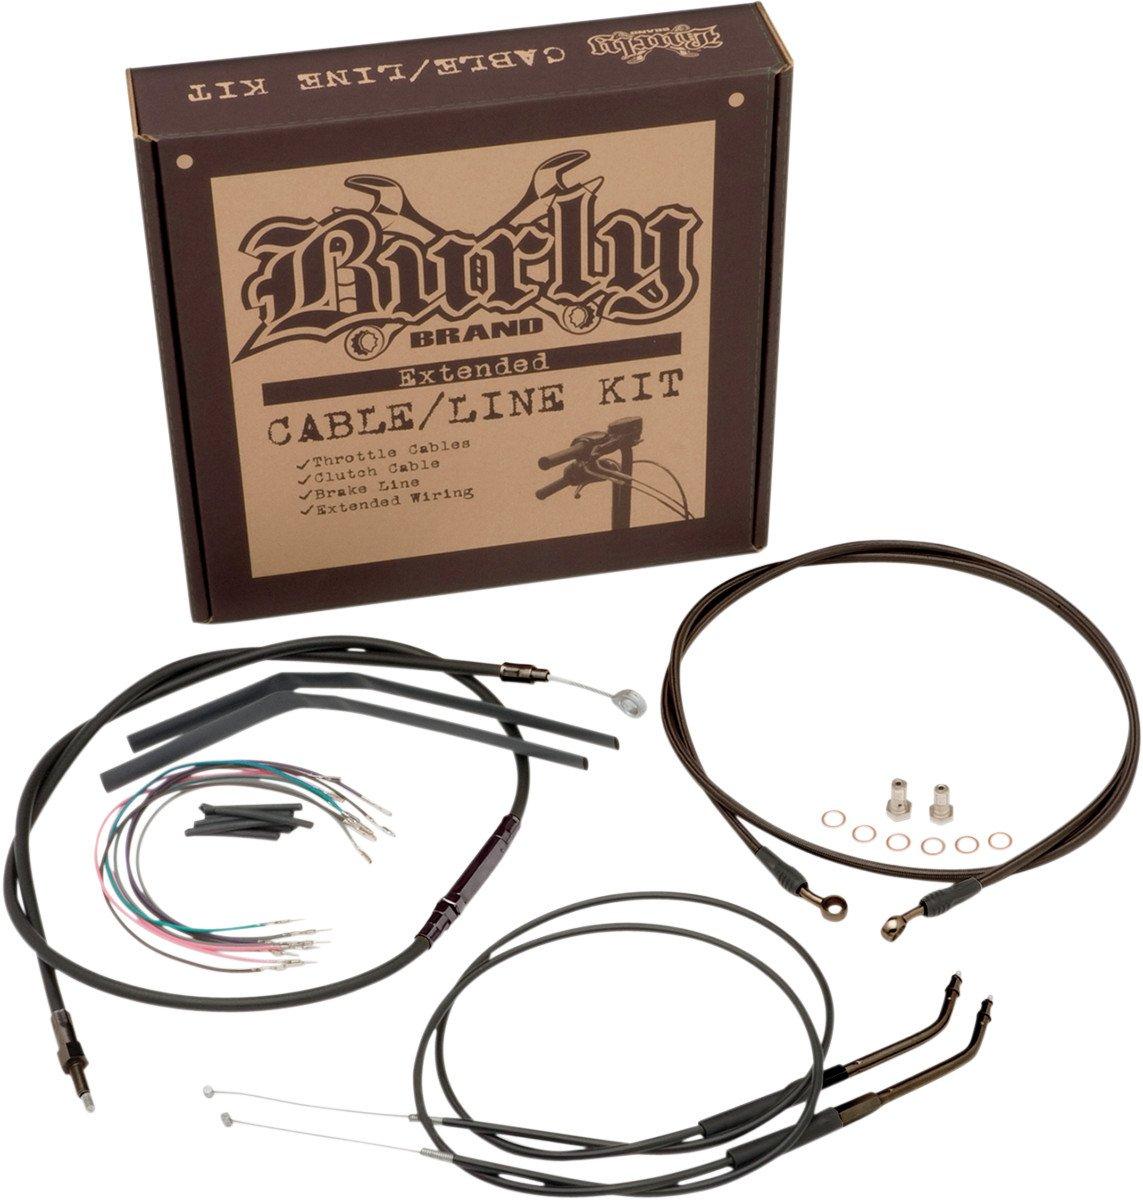 Burly Brand Cable/Brake Line Kit for Ape Hangers for Harley Davidson 2007-10 FLST/C/F/N models - 14''